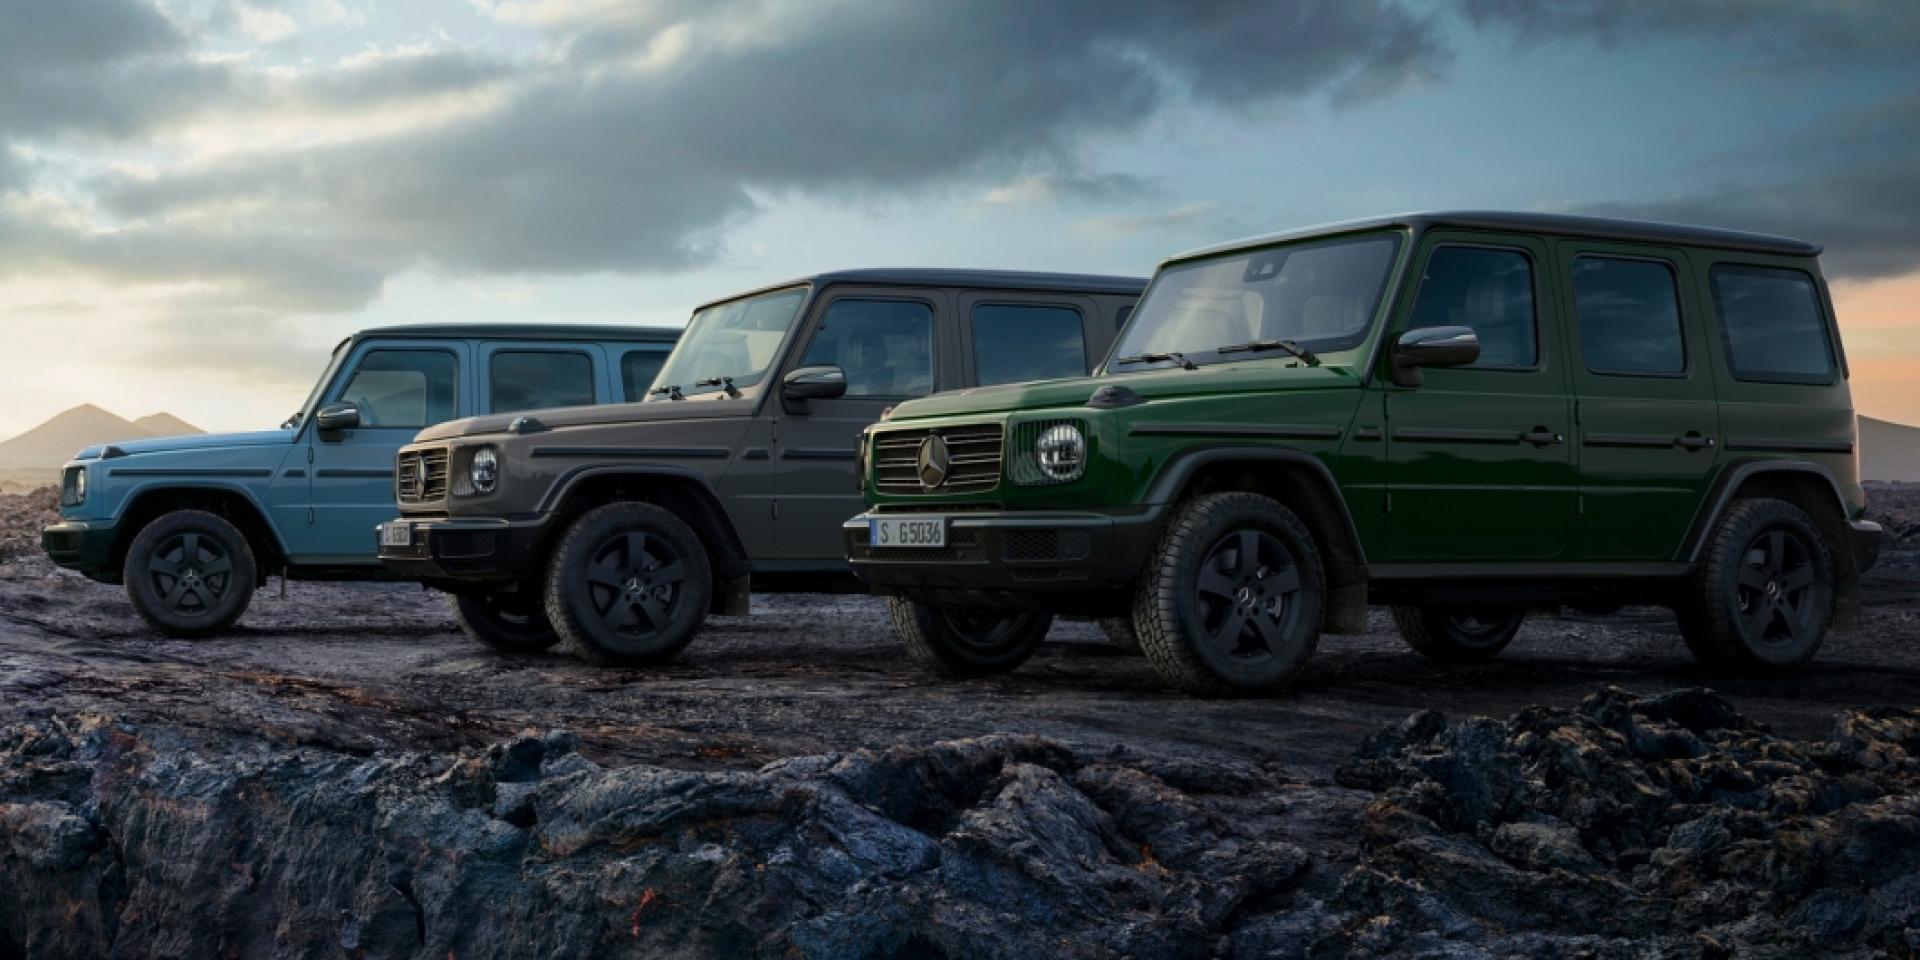 電動Gcar即將現身? 9月IAA法蘭克福車展將有最新概念車